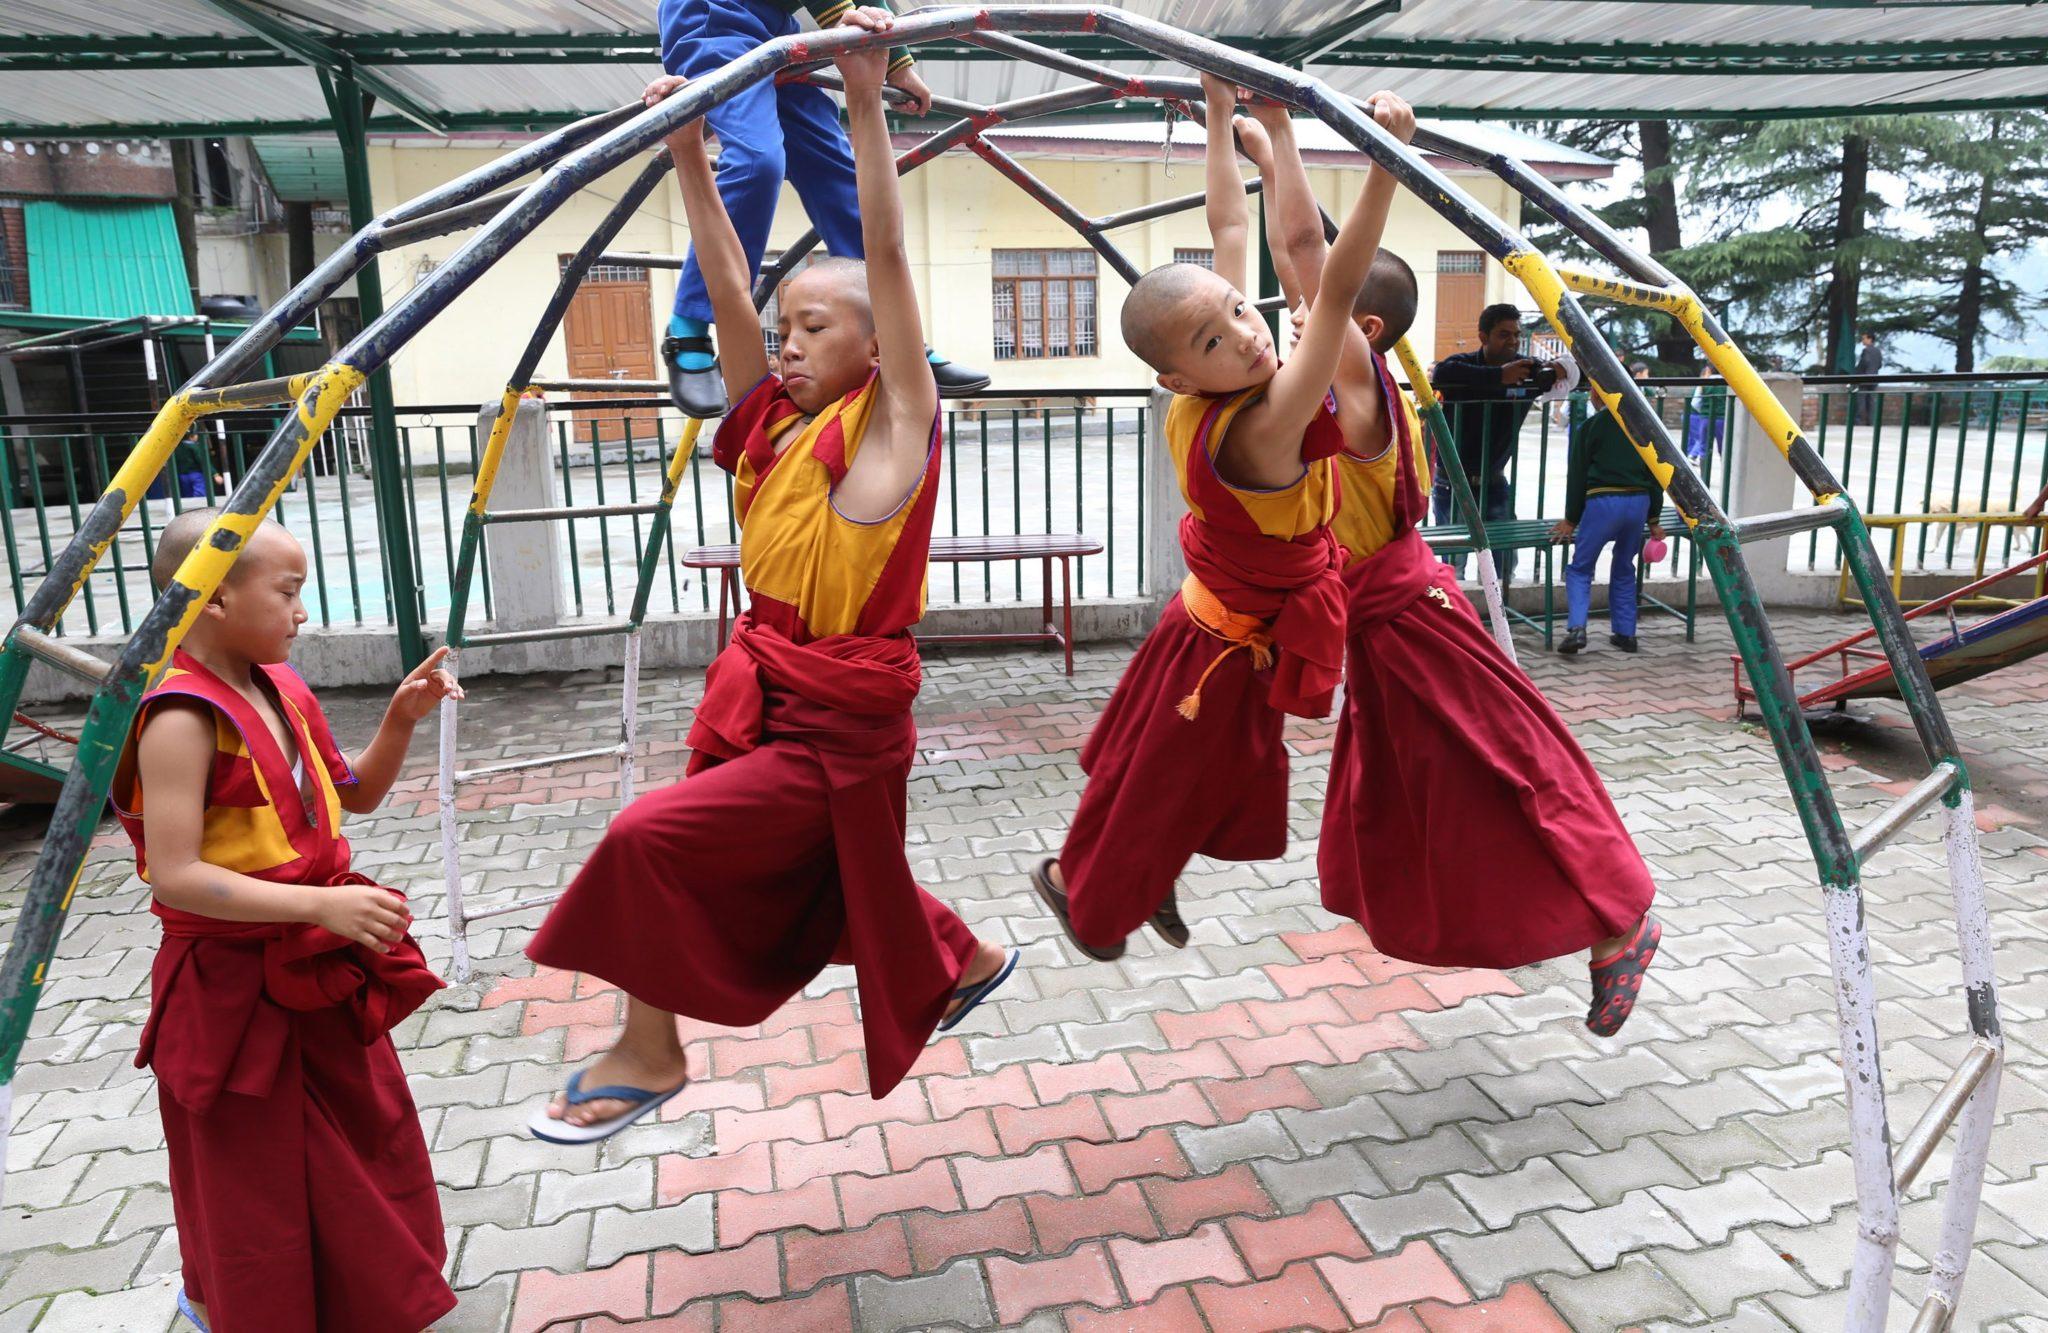 młodzi mnisi buddyjscy podczas zajęć z wychowania fizycznego